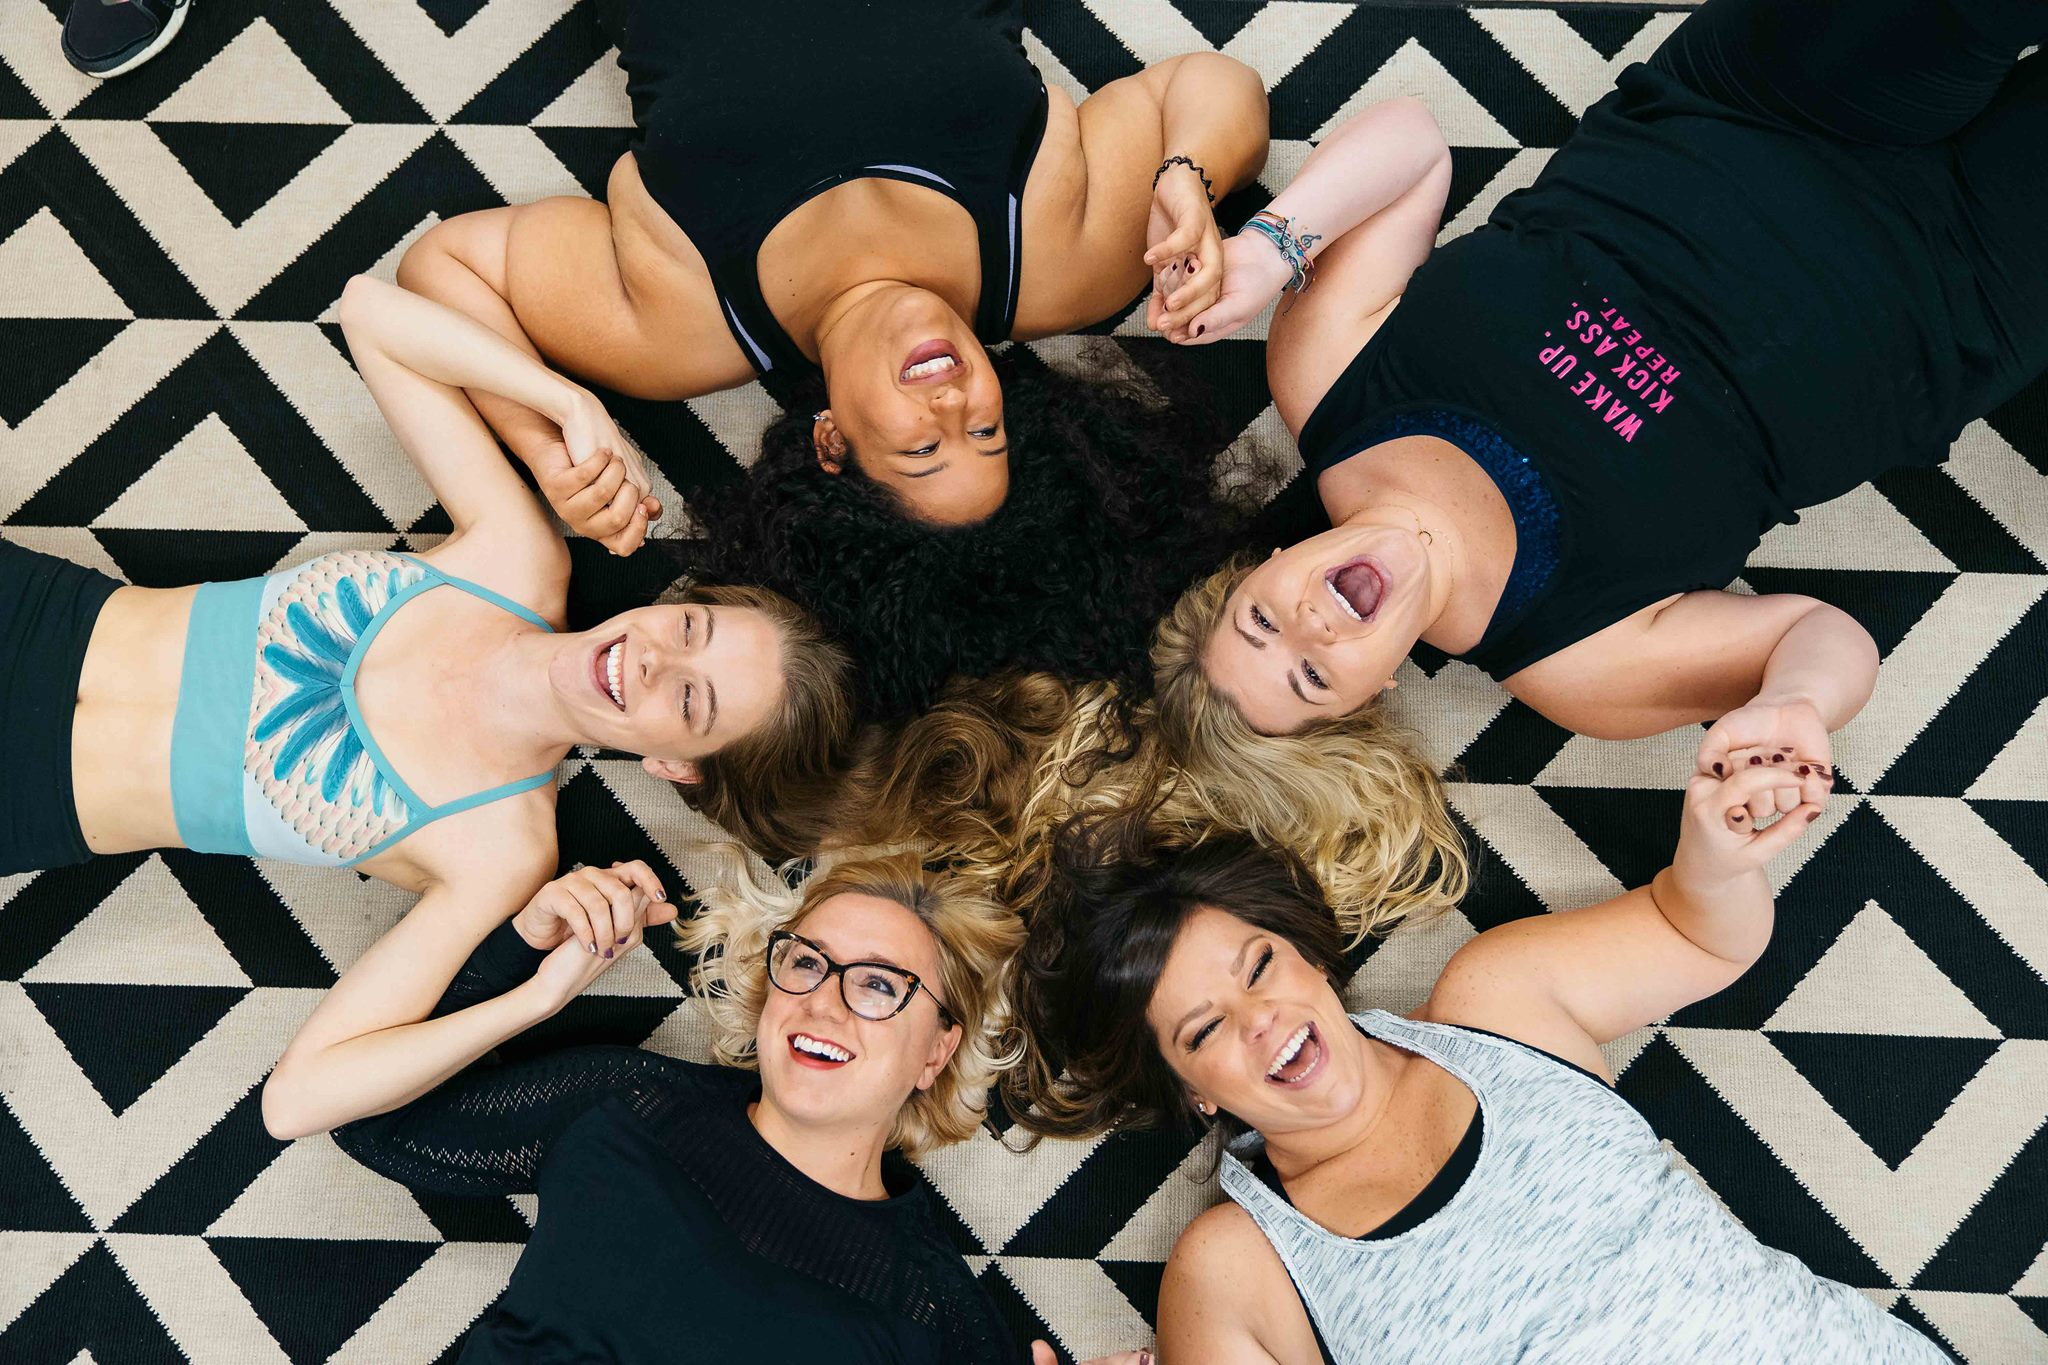 happie-house-happy-women-astoria-queens